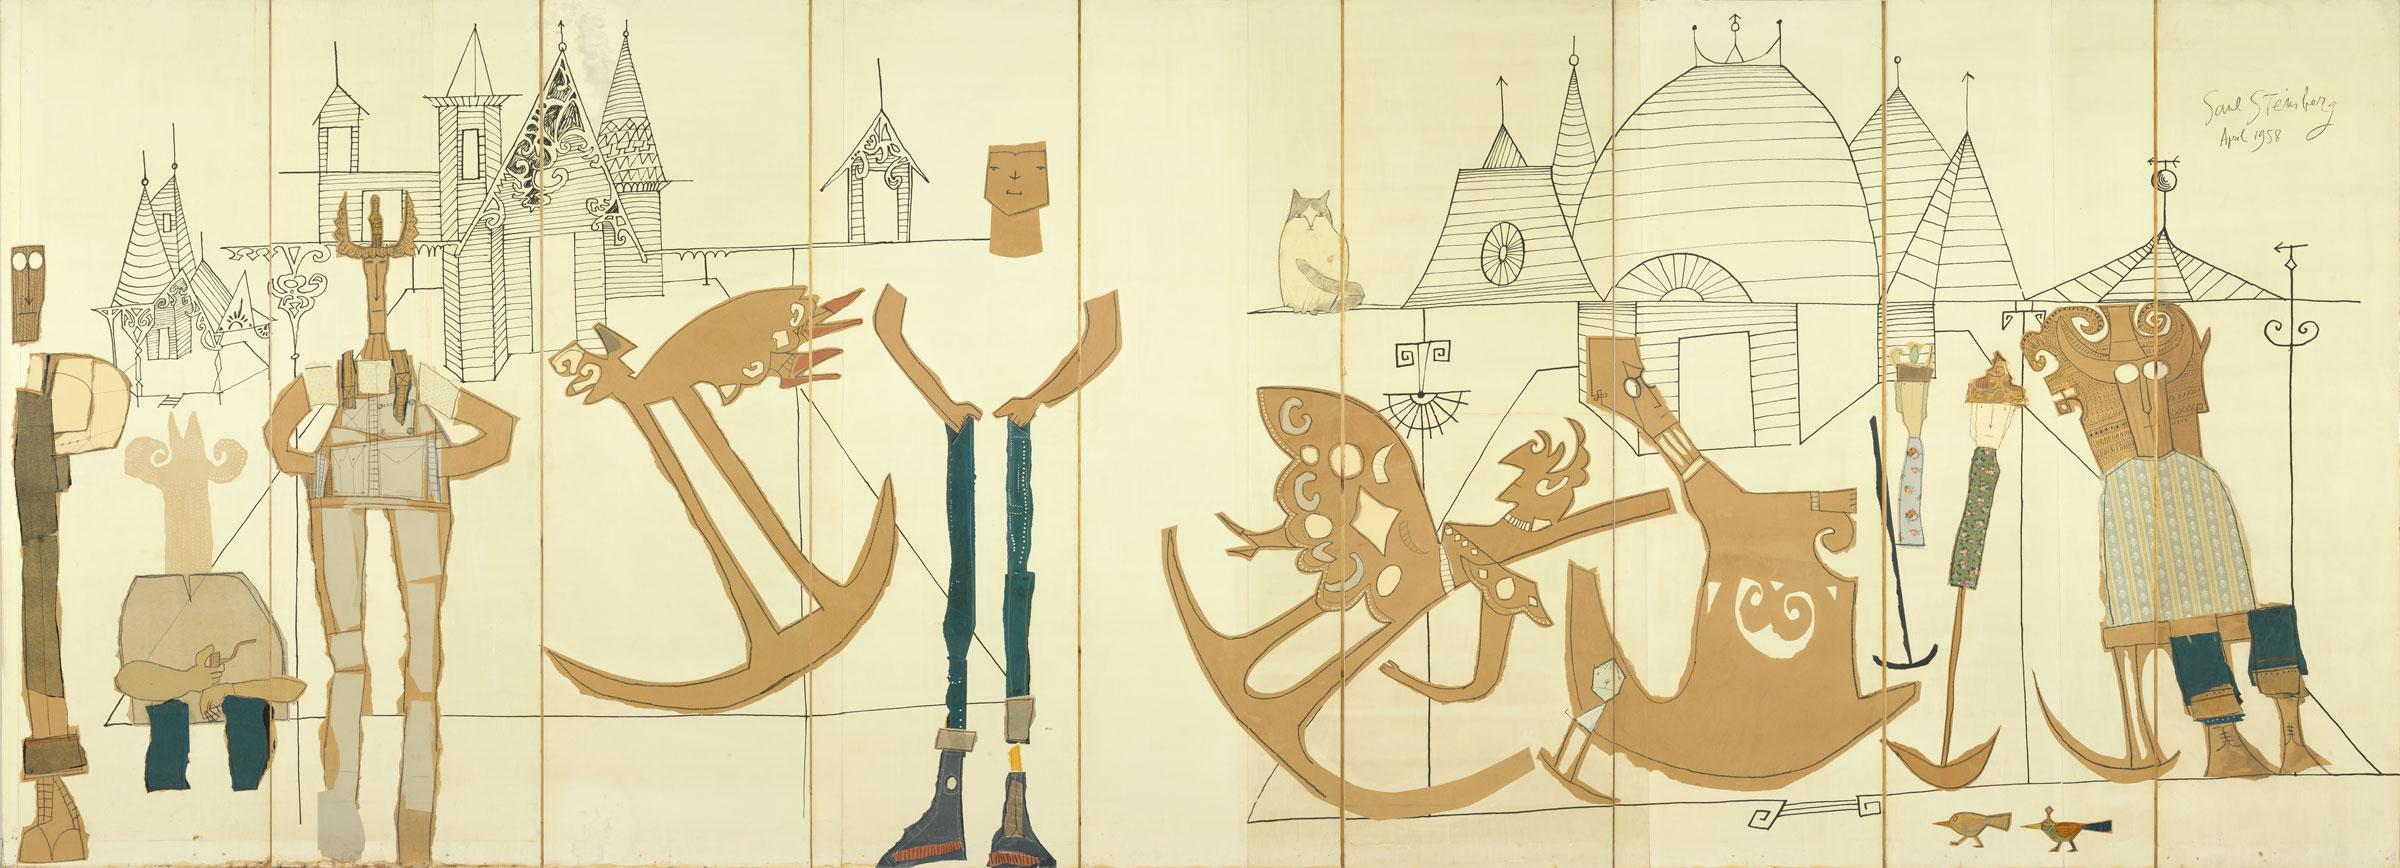 <em>Farmers—Middle West</em>, from <em>The Americans</em>, 1958. Brussels, Musée Royaux des Beaux-Arts de Belgique.